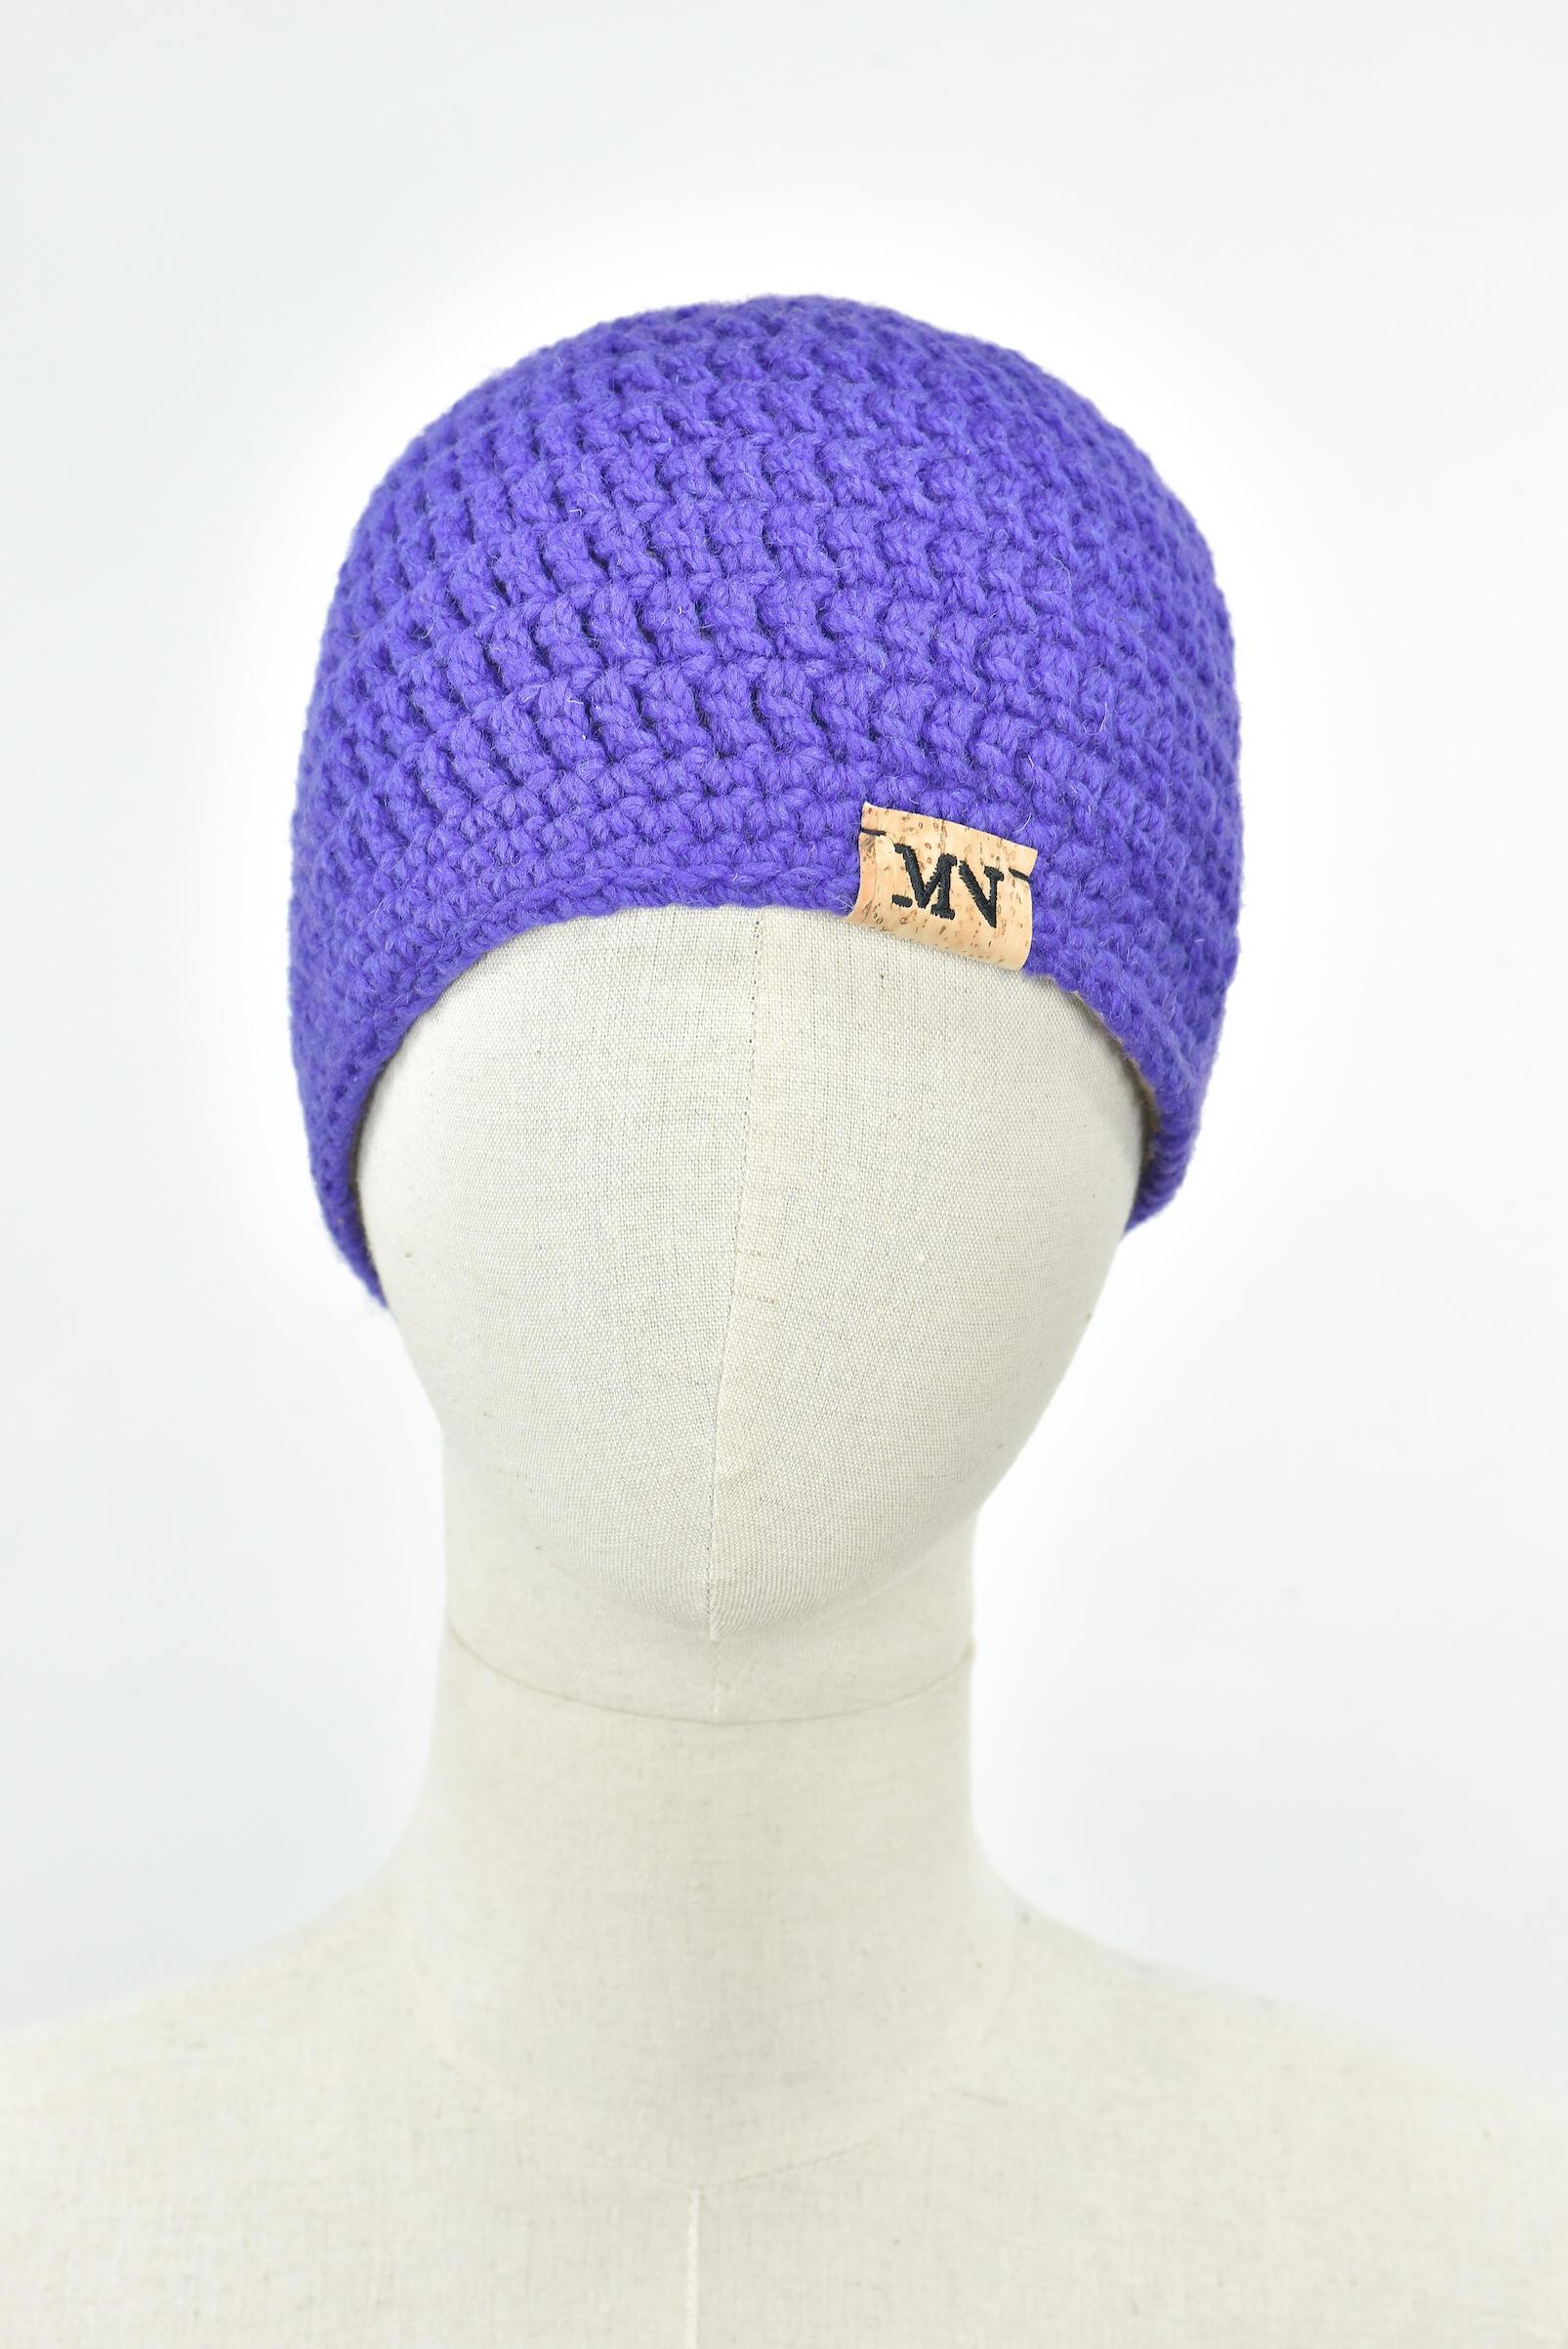 Bonnet Long MN - Violet 100% Laine